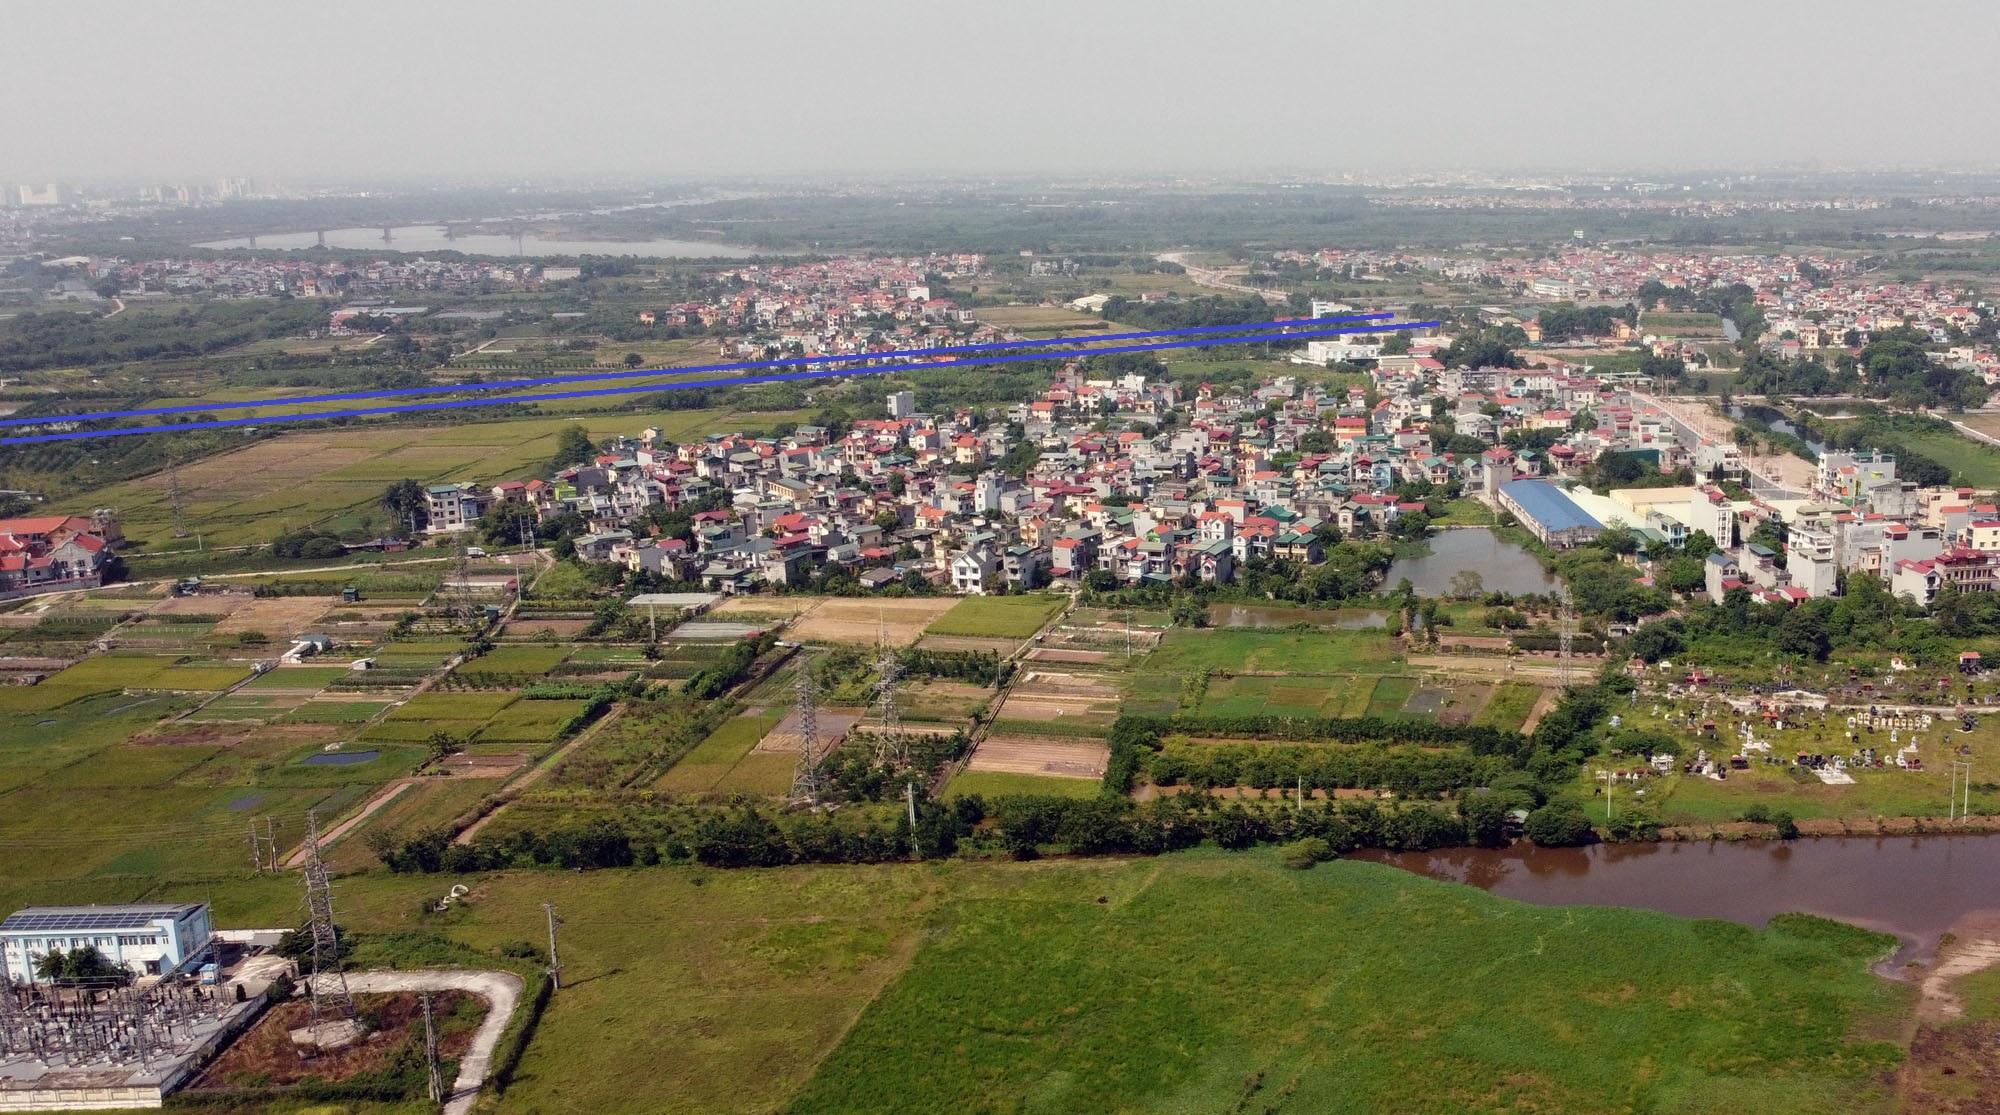 đường sẽ mở theo qui hoạch ở xã Đặng Xá, Gia Lâm, Hà Nội - Ảnh 7.